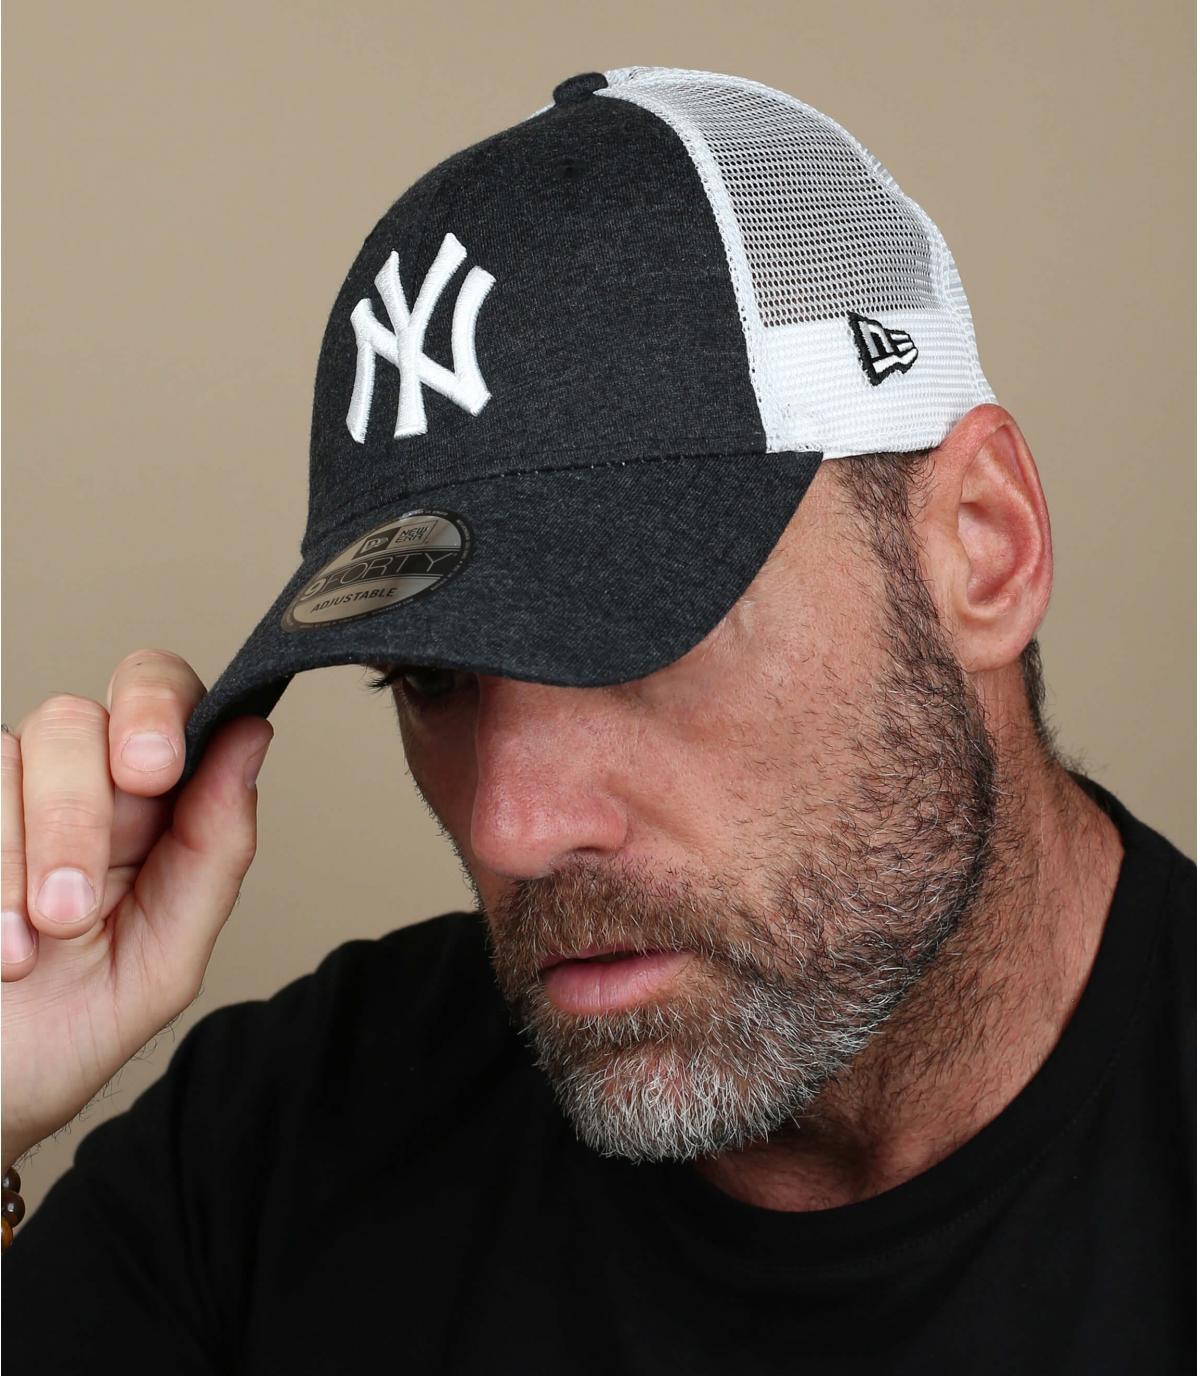 black NY trucker